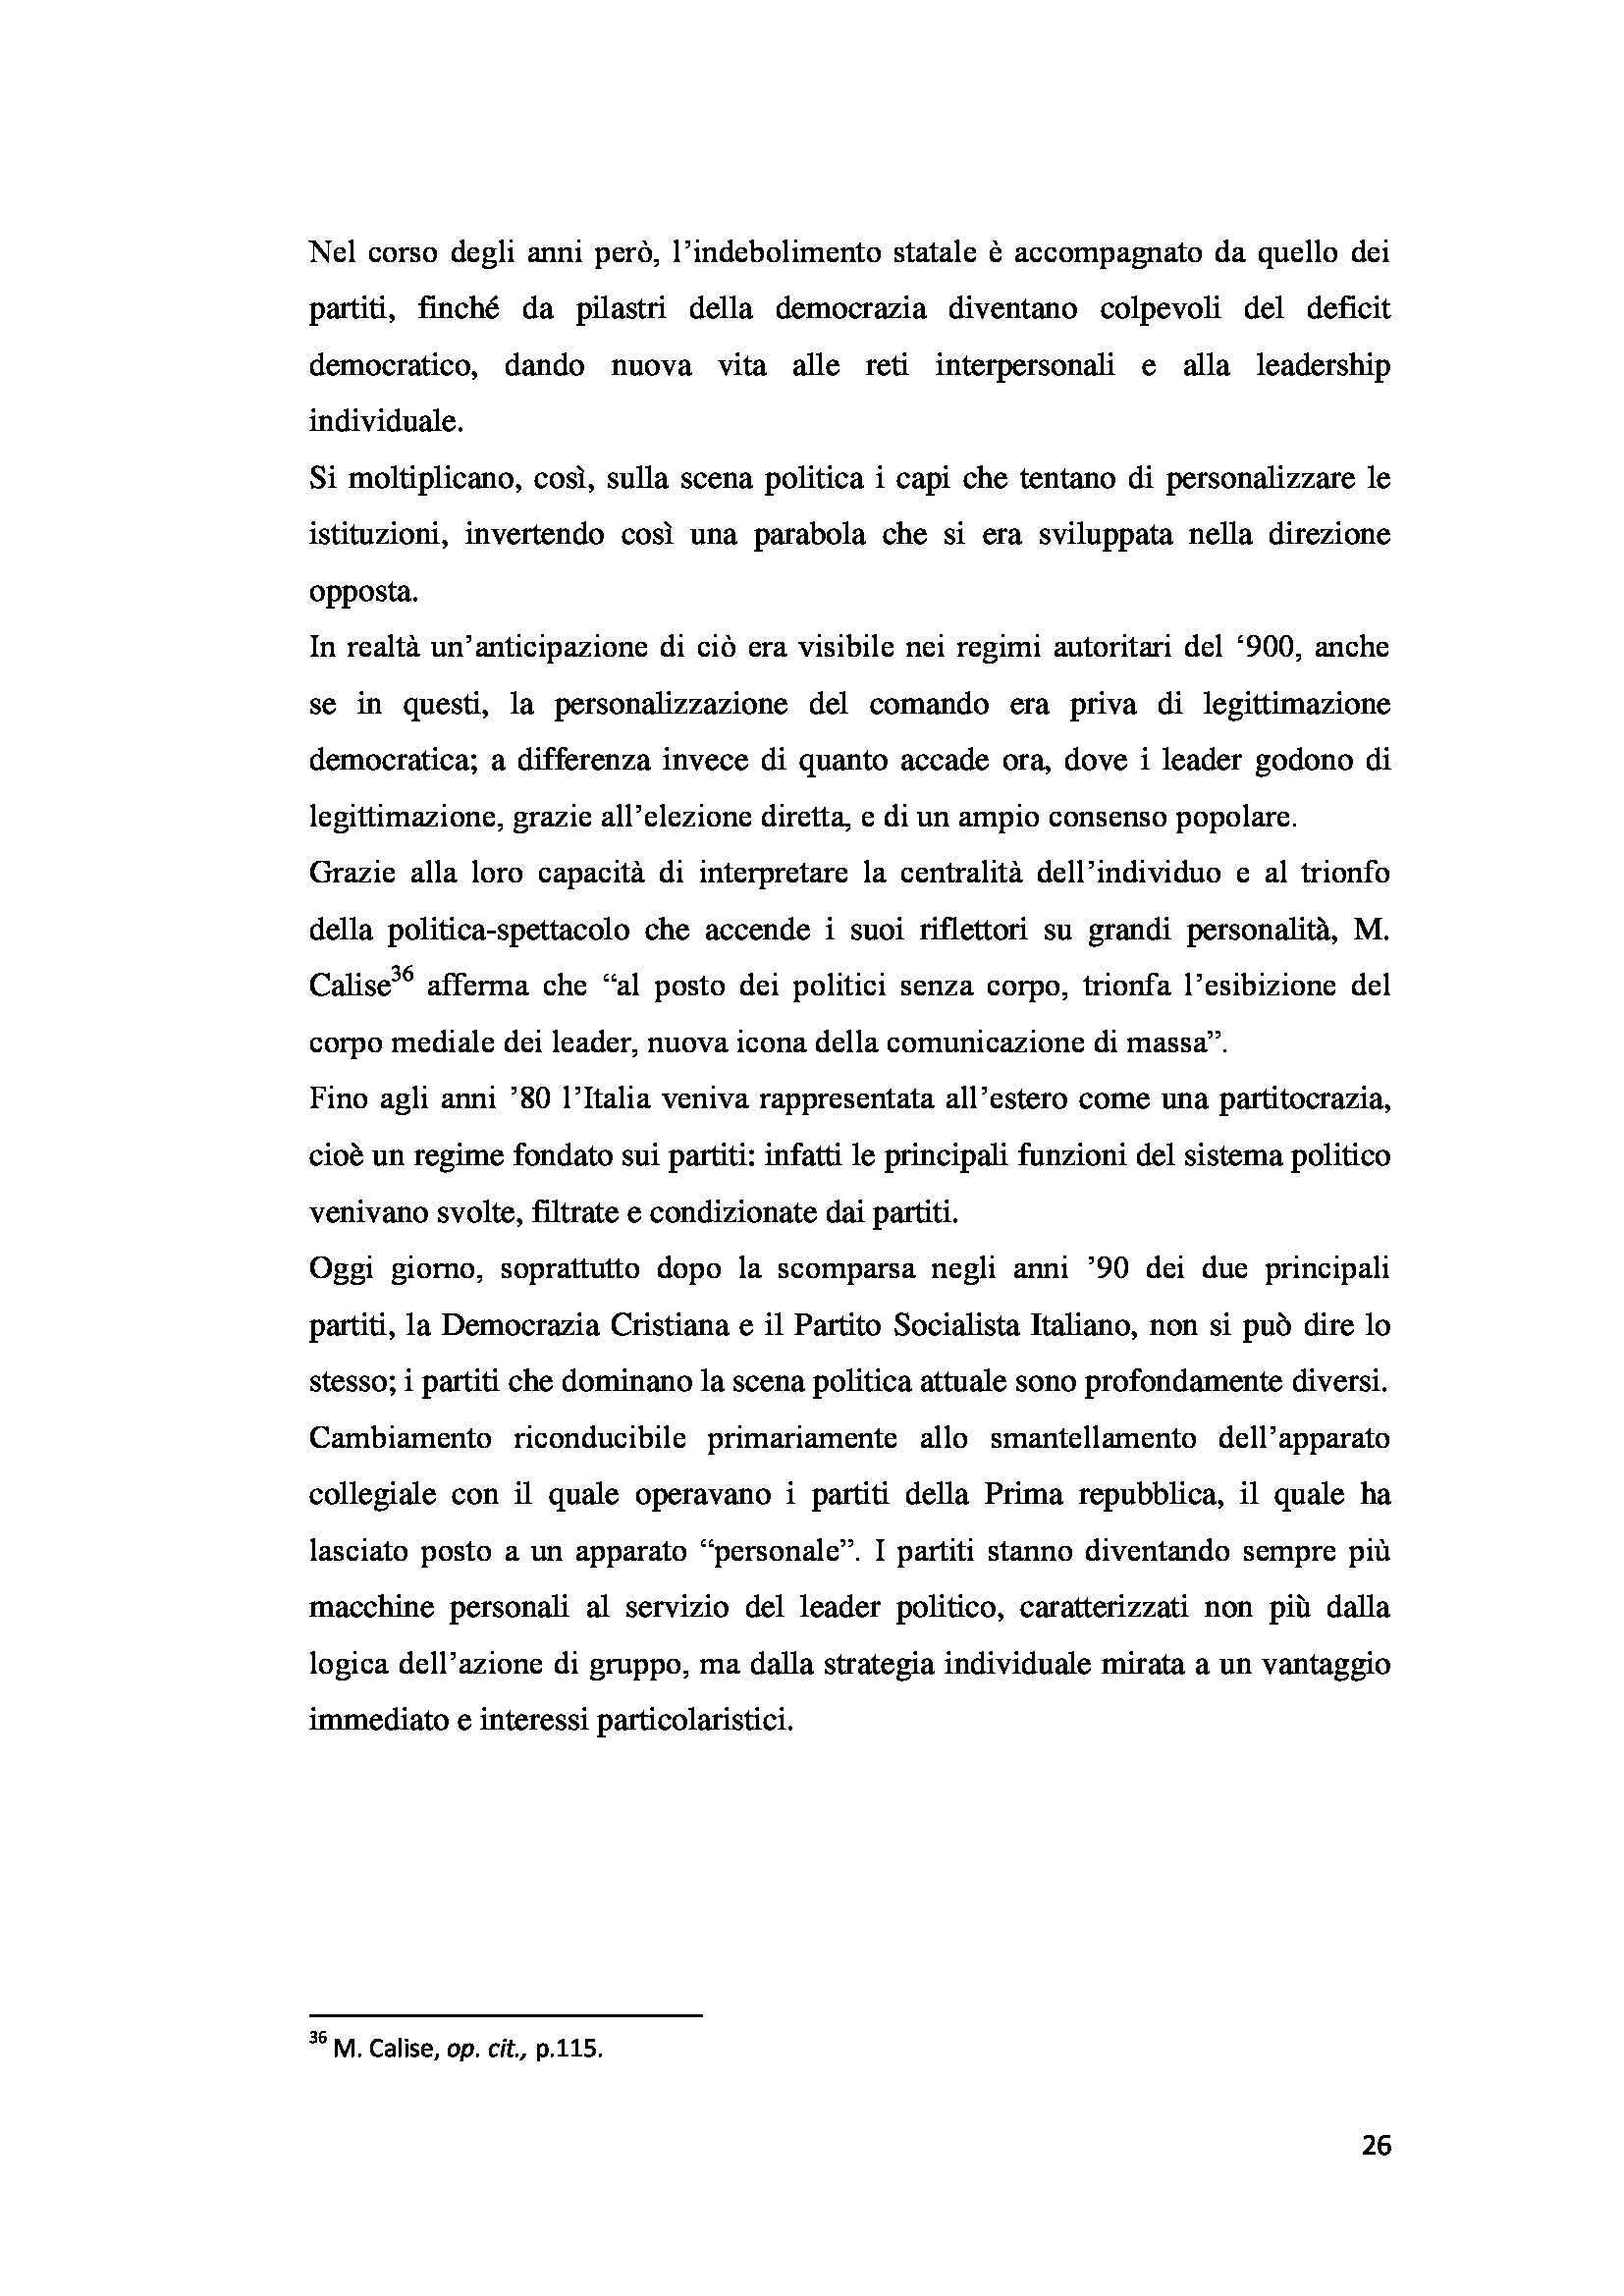 Tesi triennale - La personalizzazione e la spettacolarizzazione della politica Pag. 26